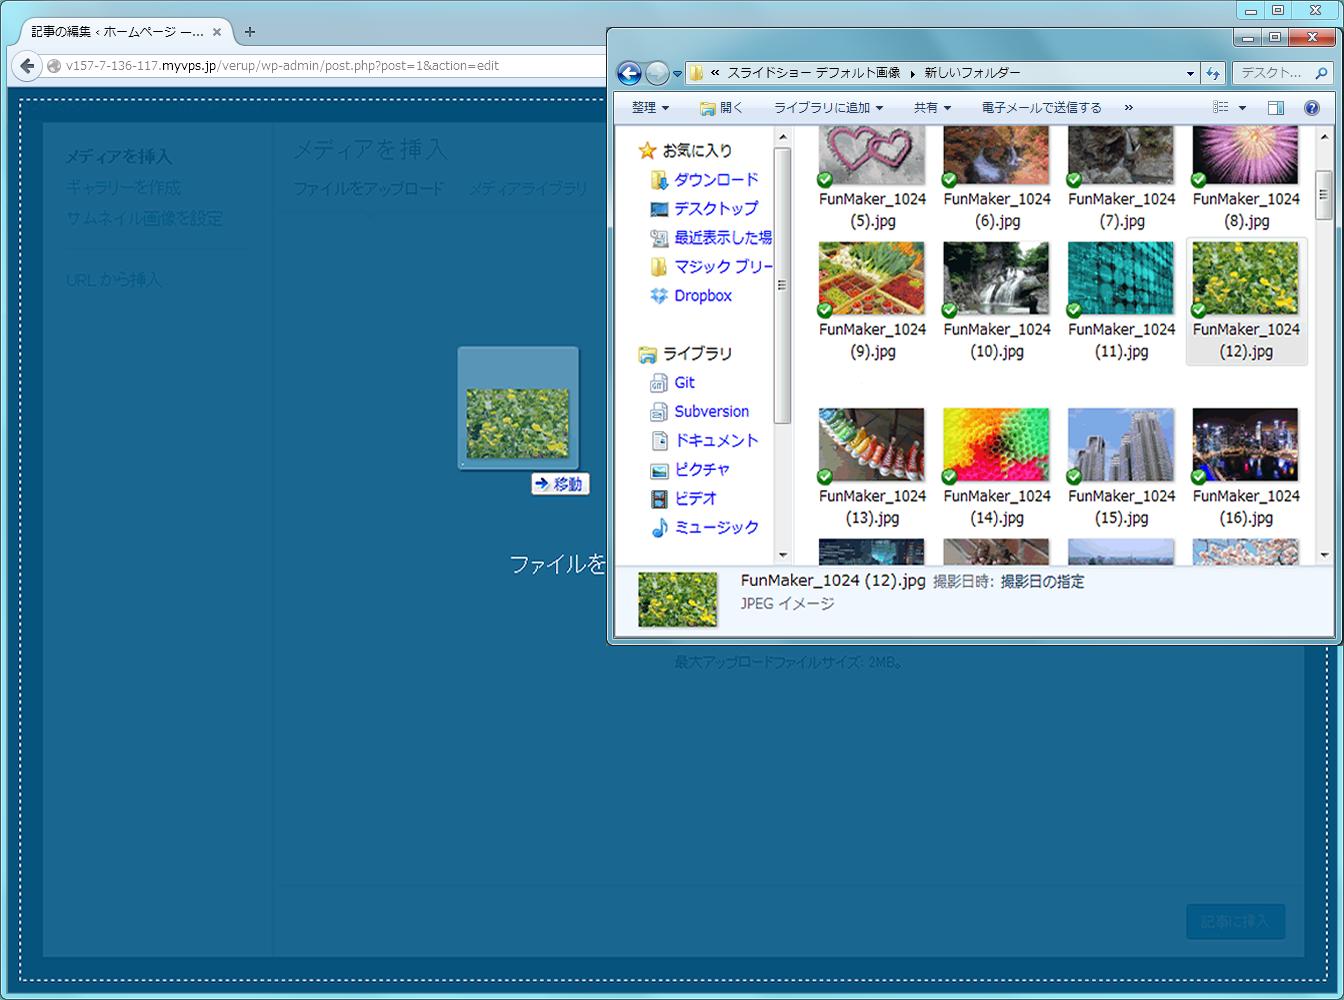 記事 画像の追加 ドロップ | 簡単格安ホームページ作成サイト - FunMaker